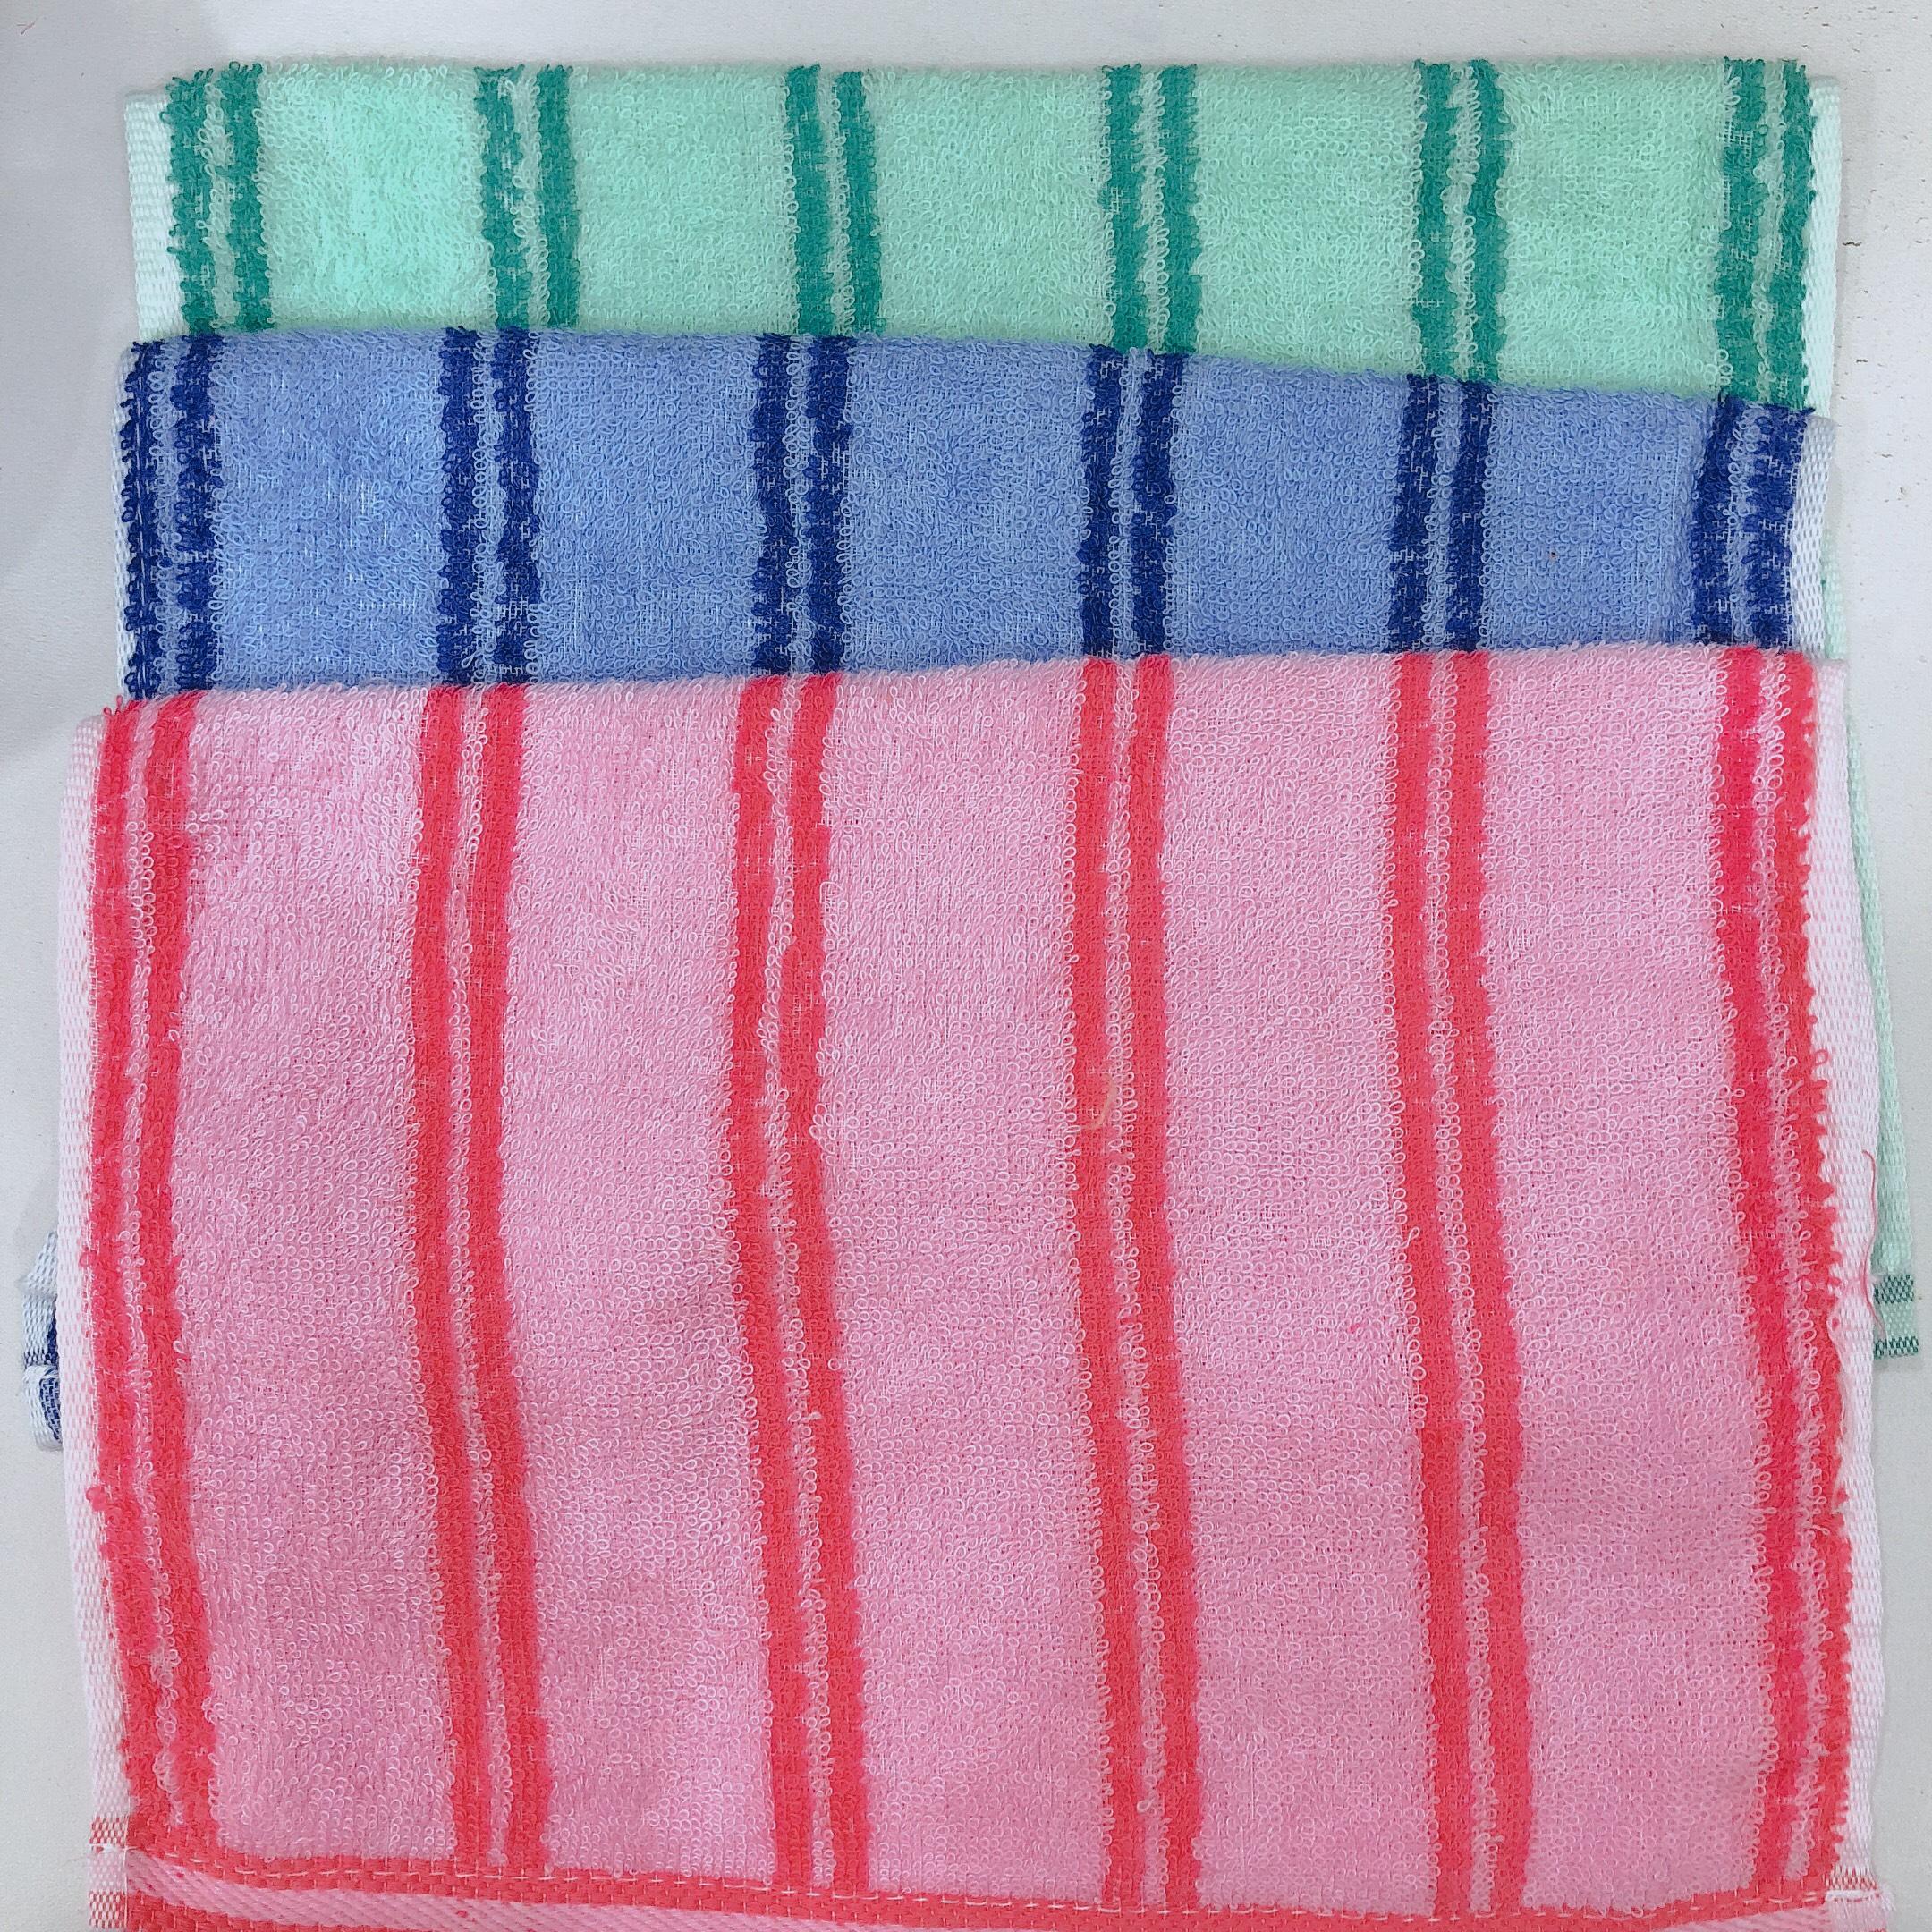 Gối Massage Cổ Vai Gáy Chữ U Đa Năng Mẫu Mới - Tặng 1 khăn mặt 30x40cm